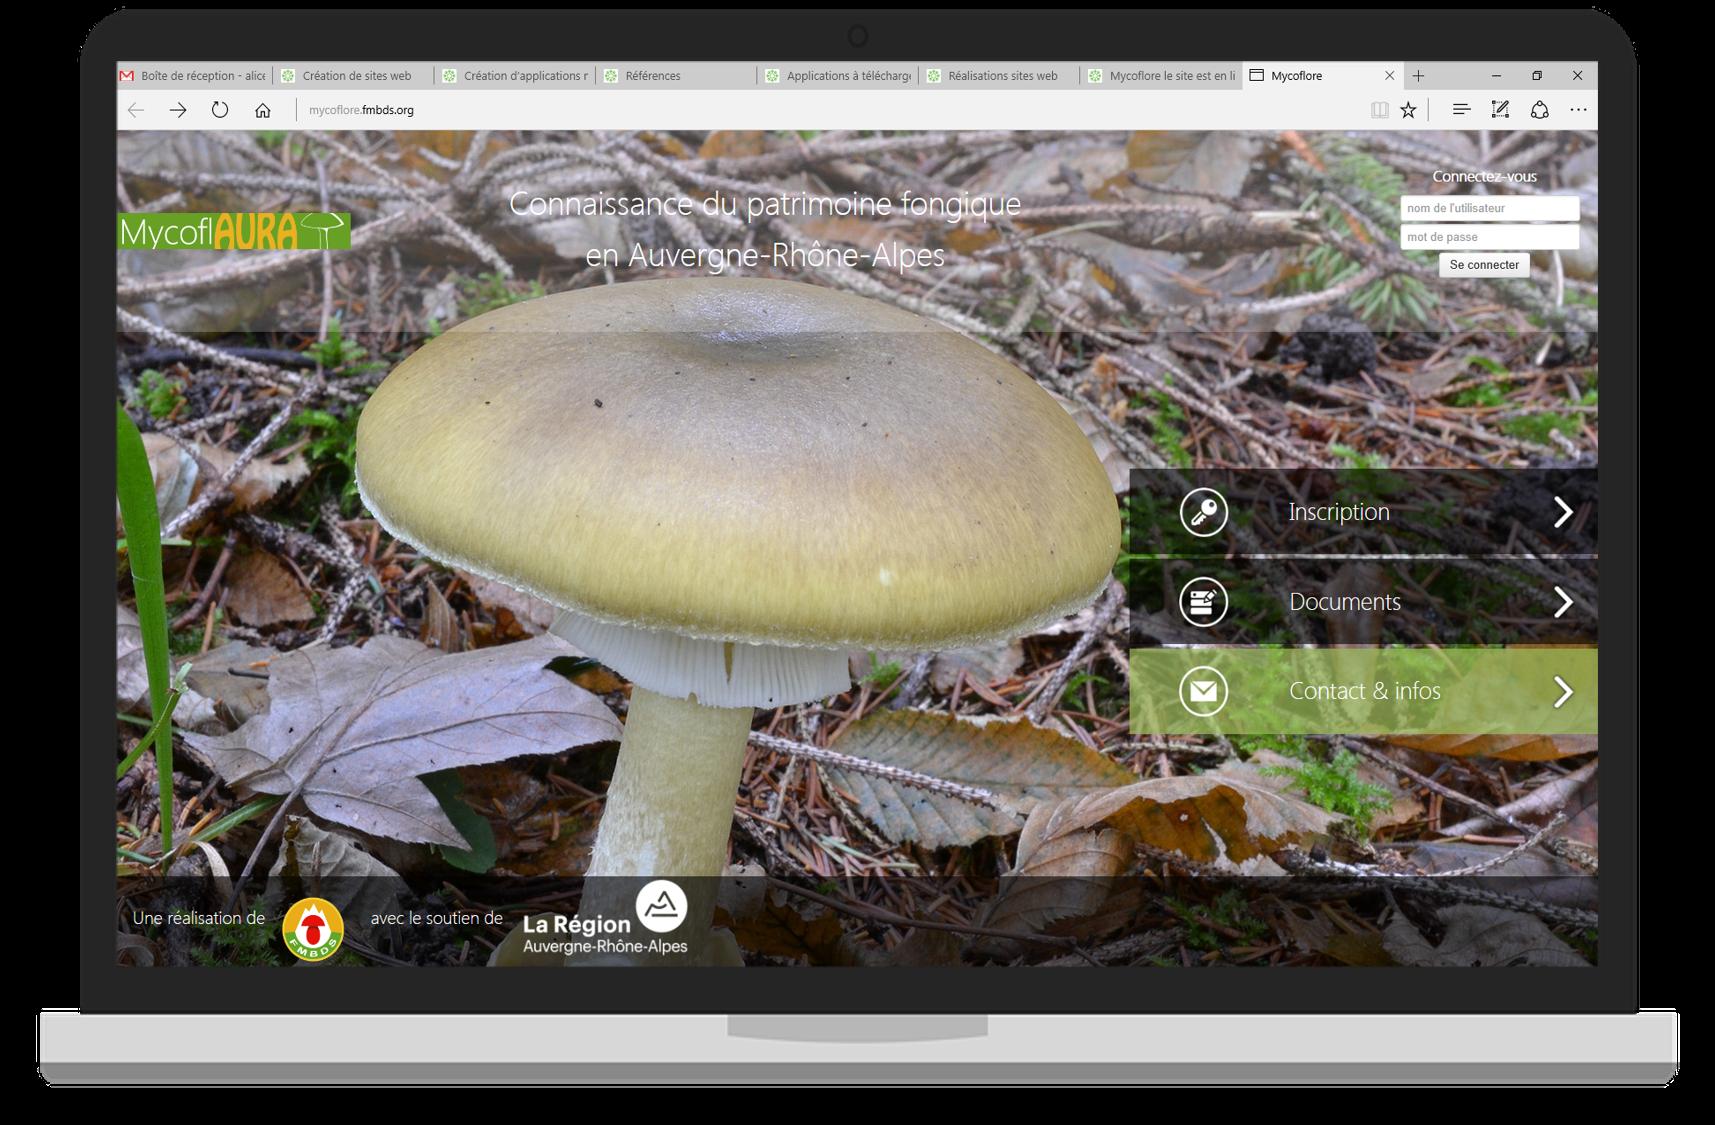 Le site de Mycoflore est en accès ici:   http://mycoflore.fmbds.org/    A vous de jouer pour participer à la sauvegarde mycologique en Rhône-Alpes.